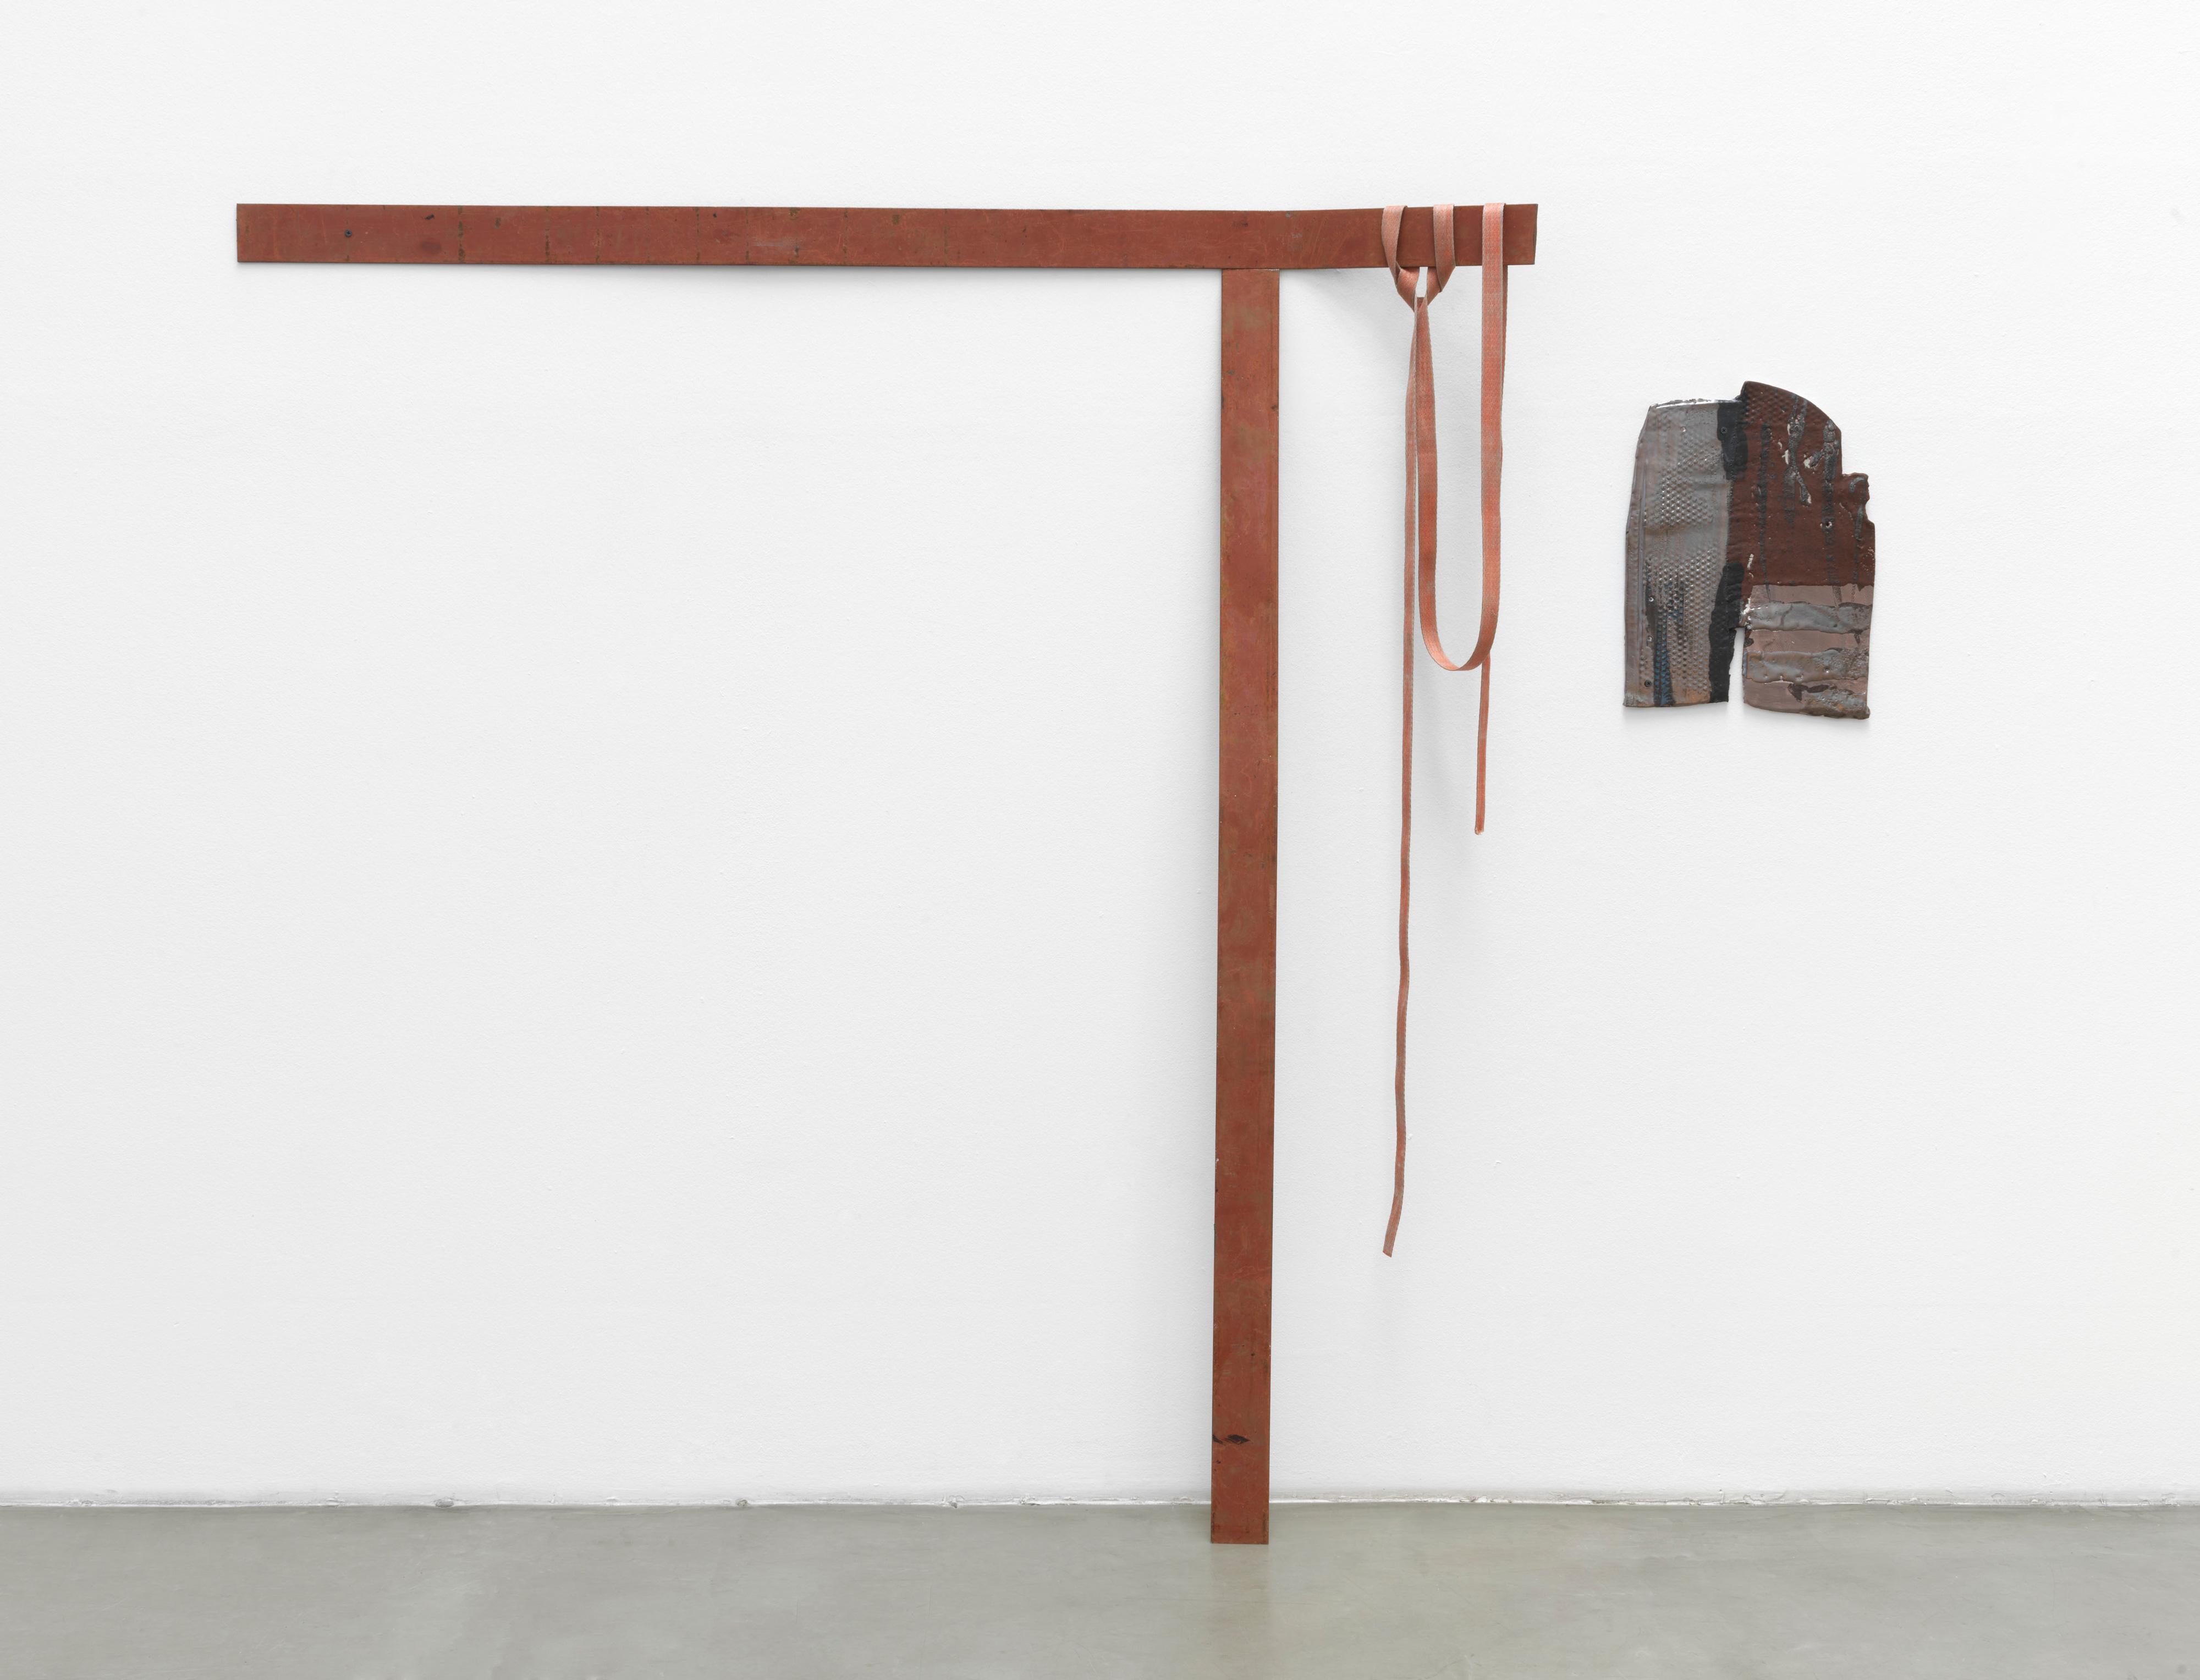 Galerie Barbara Thumm \ Sarah Entwistle: People say we look well-assorted, seem to belong, we make a `striking couple´, etc…. (SEn-21-006) \ People say we look well-assorted, seem to belong, we make a `striking couple´, etc…. (2021)